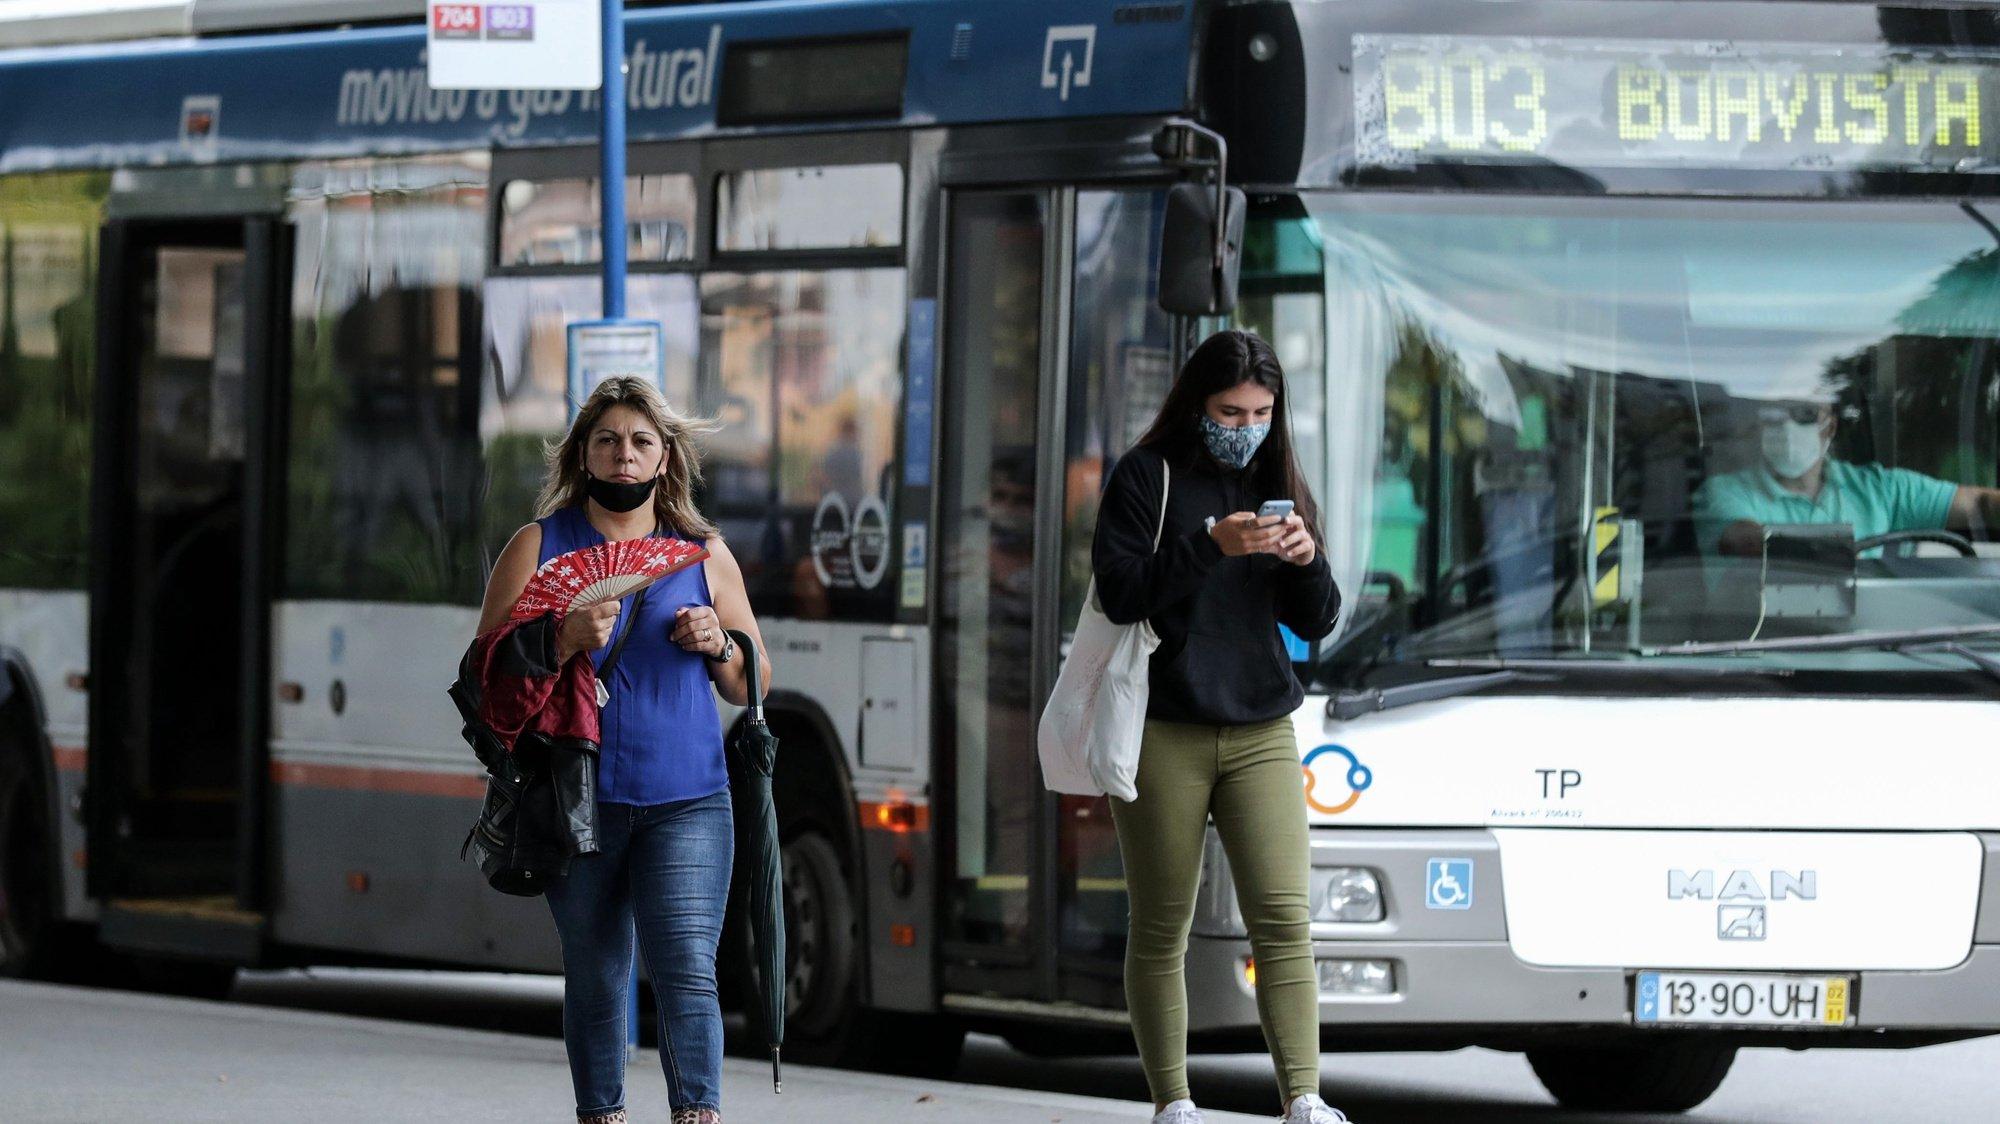 Utentes dos transportes públicos do Porto pedem reforço de veículos e mais fiscalização, 23 setembro 2020, estação Casa da Música. (ACOMPANHA TEXTO) ESTELA SILVA/LUSA